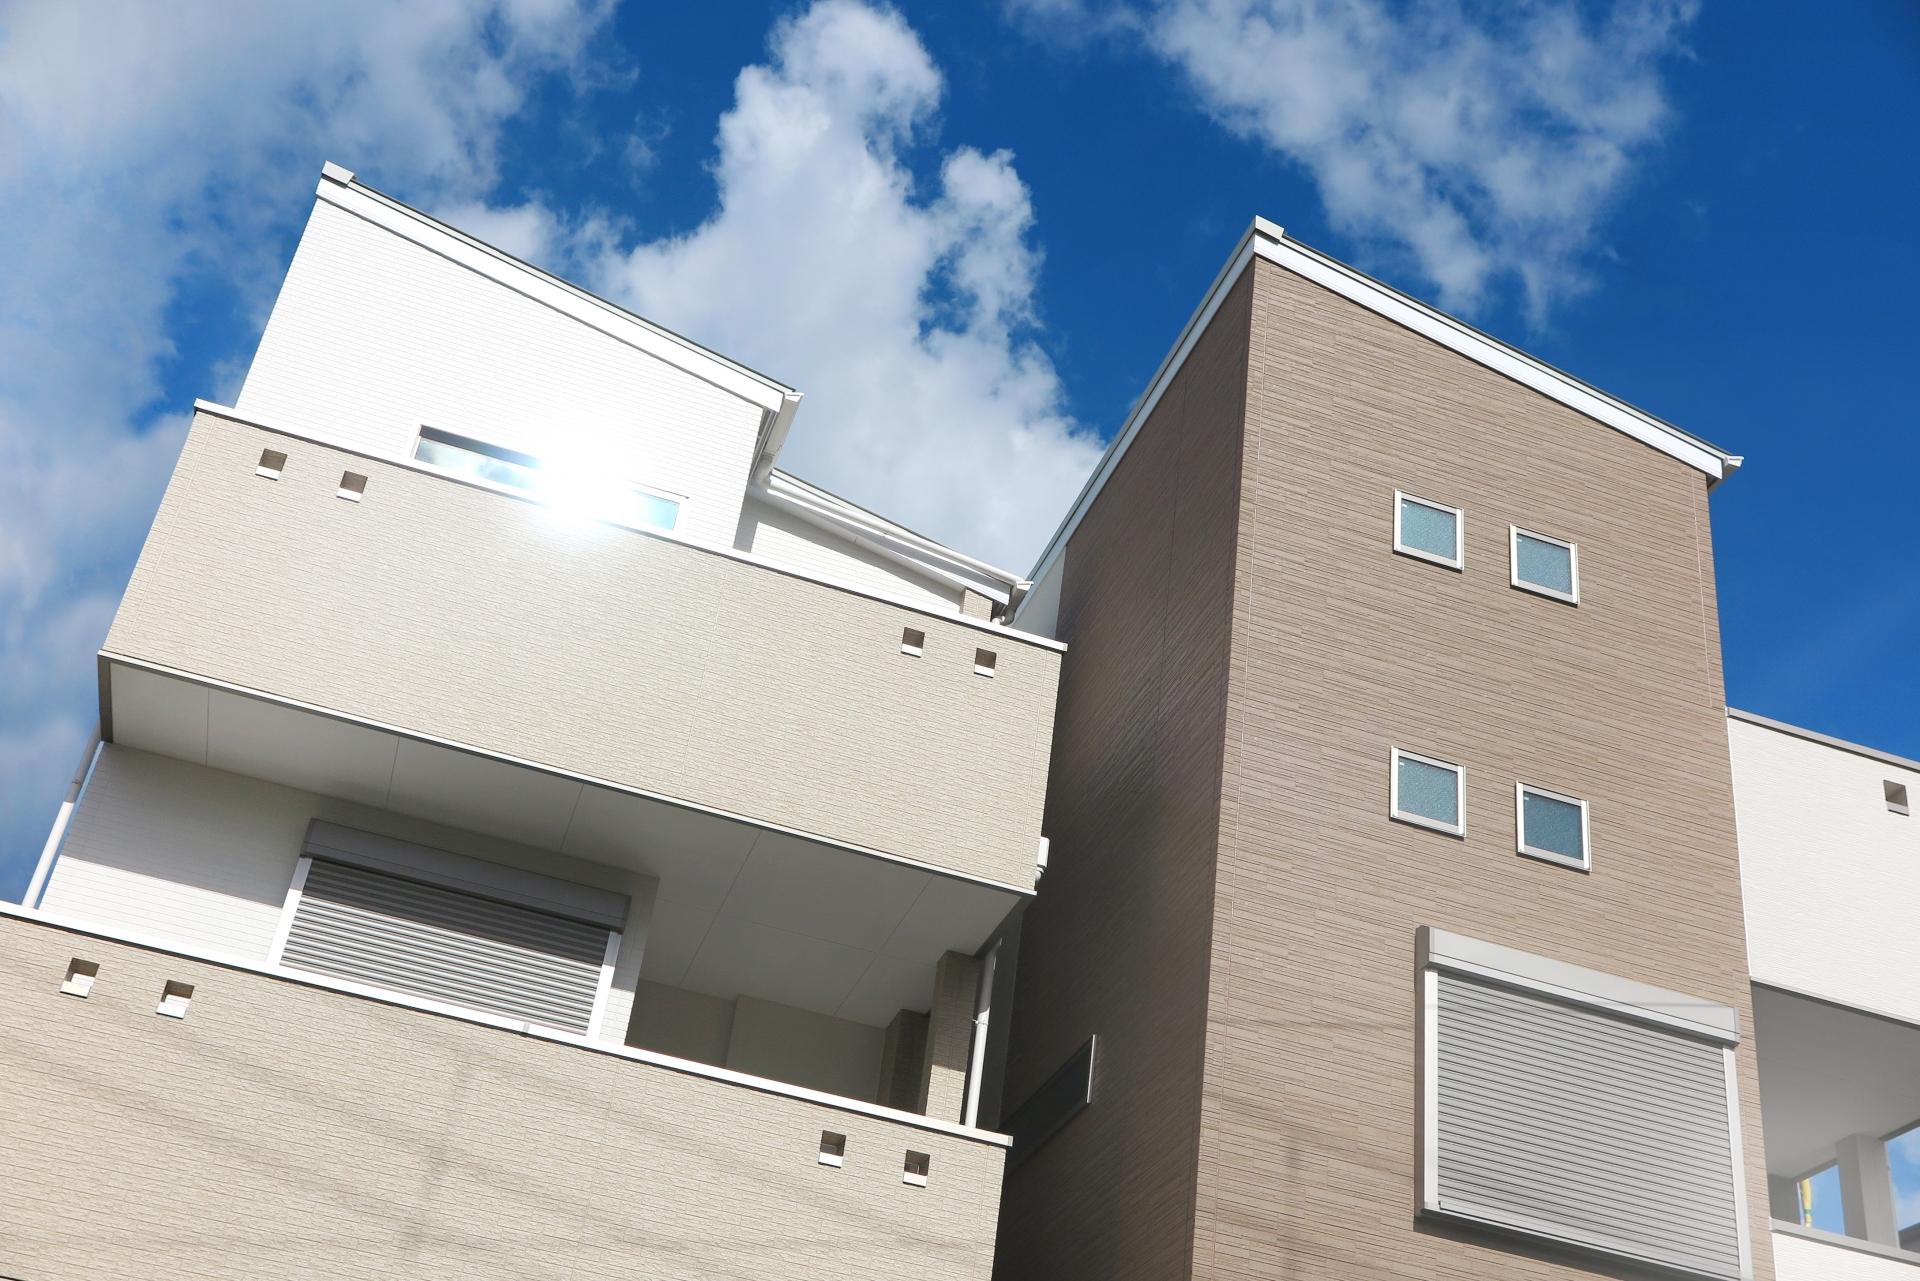 住宅用アルミ建材専門の塗装工事